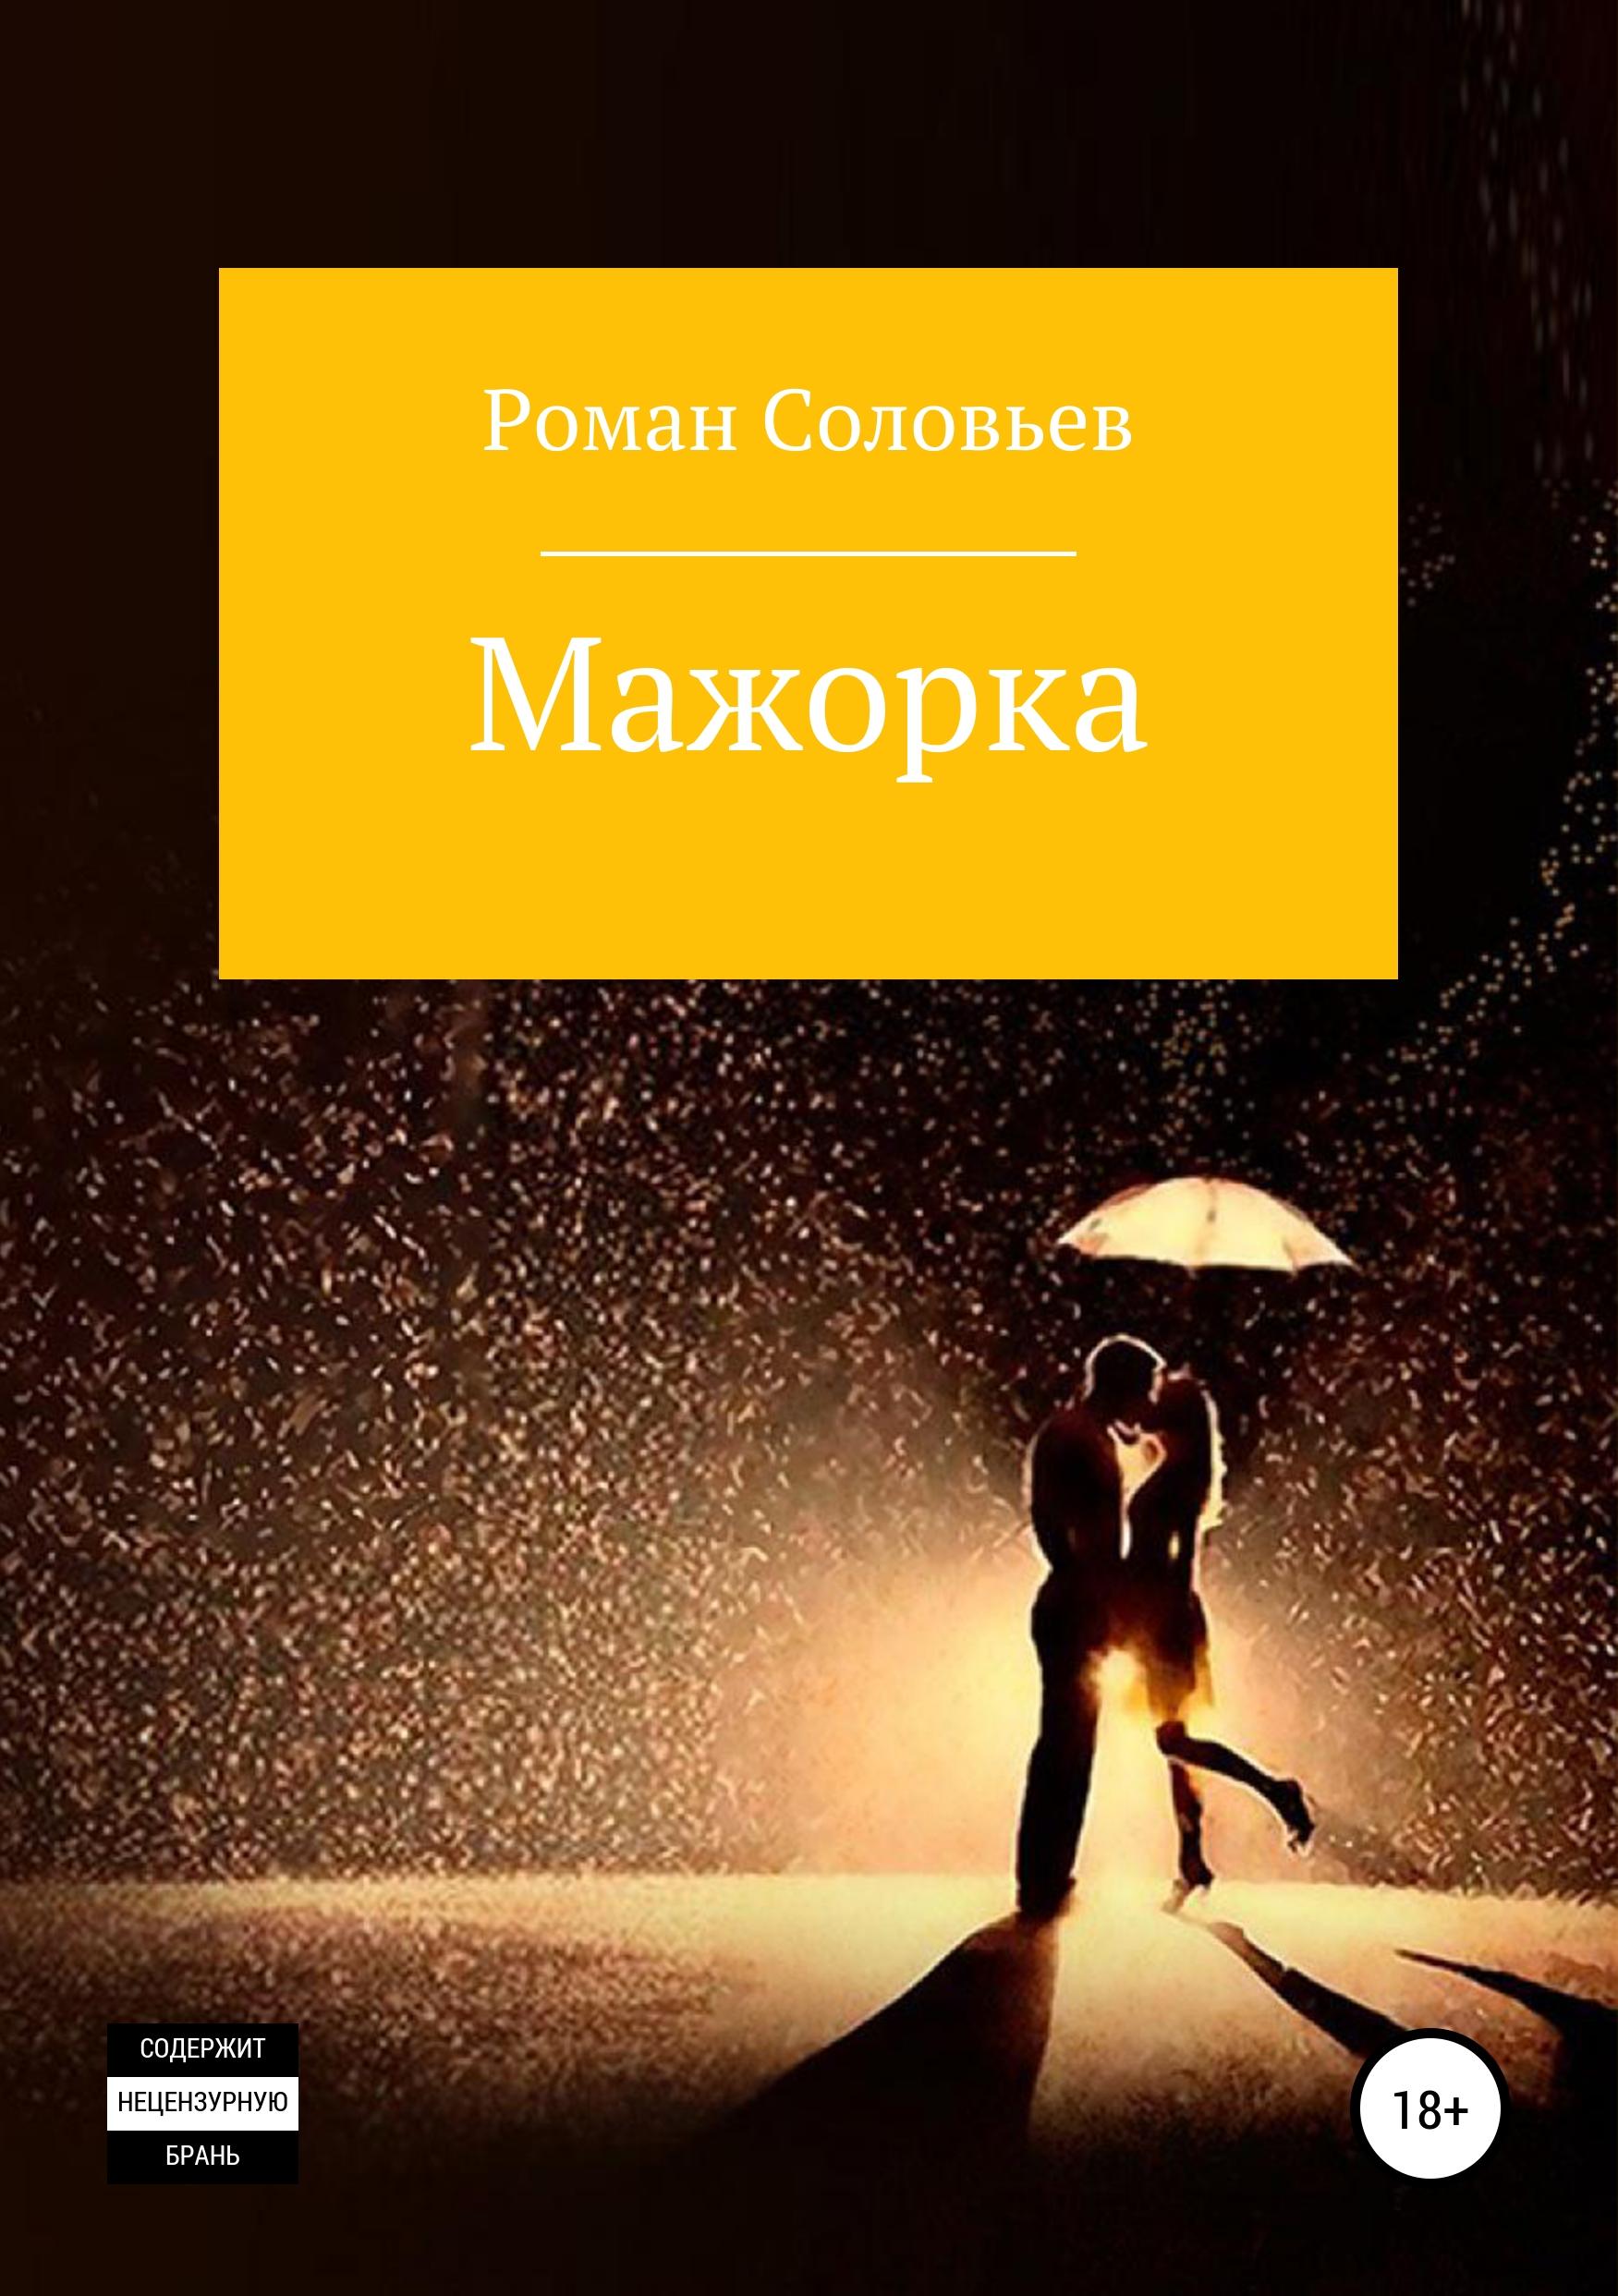 Купить книгу Мажорка, автора Романа Соловьева